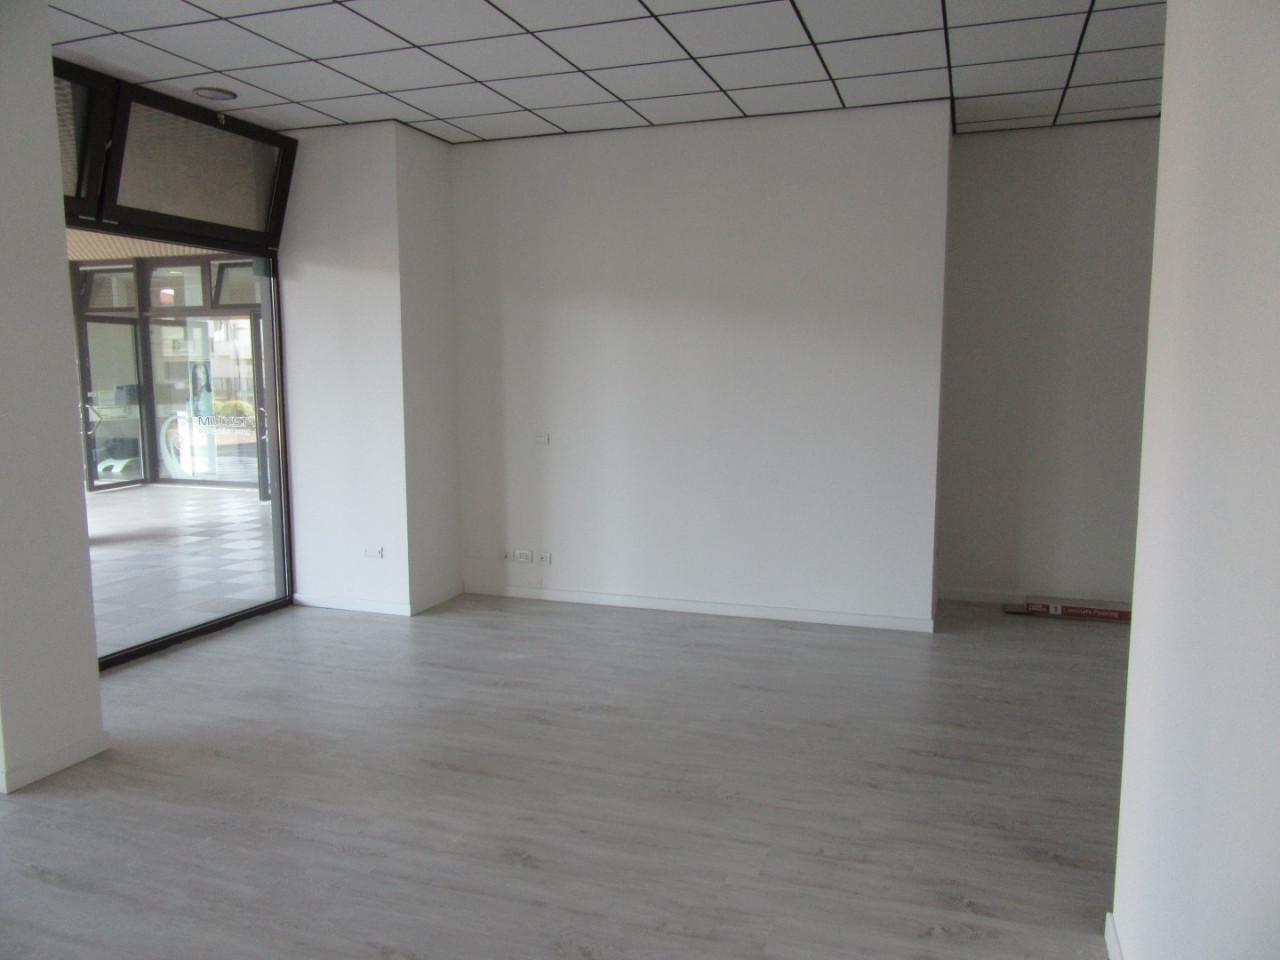 Z370 Negozio con altissima visibilità https://images.gestionaleimmobiliare.it/foto/annunci/210827/2719483/1280x1280/002__02_interno_negozio.jpg